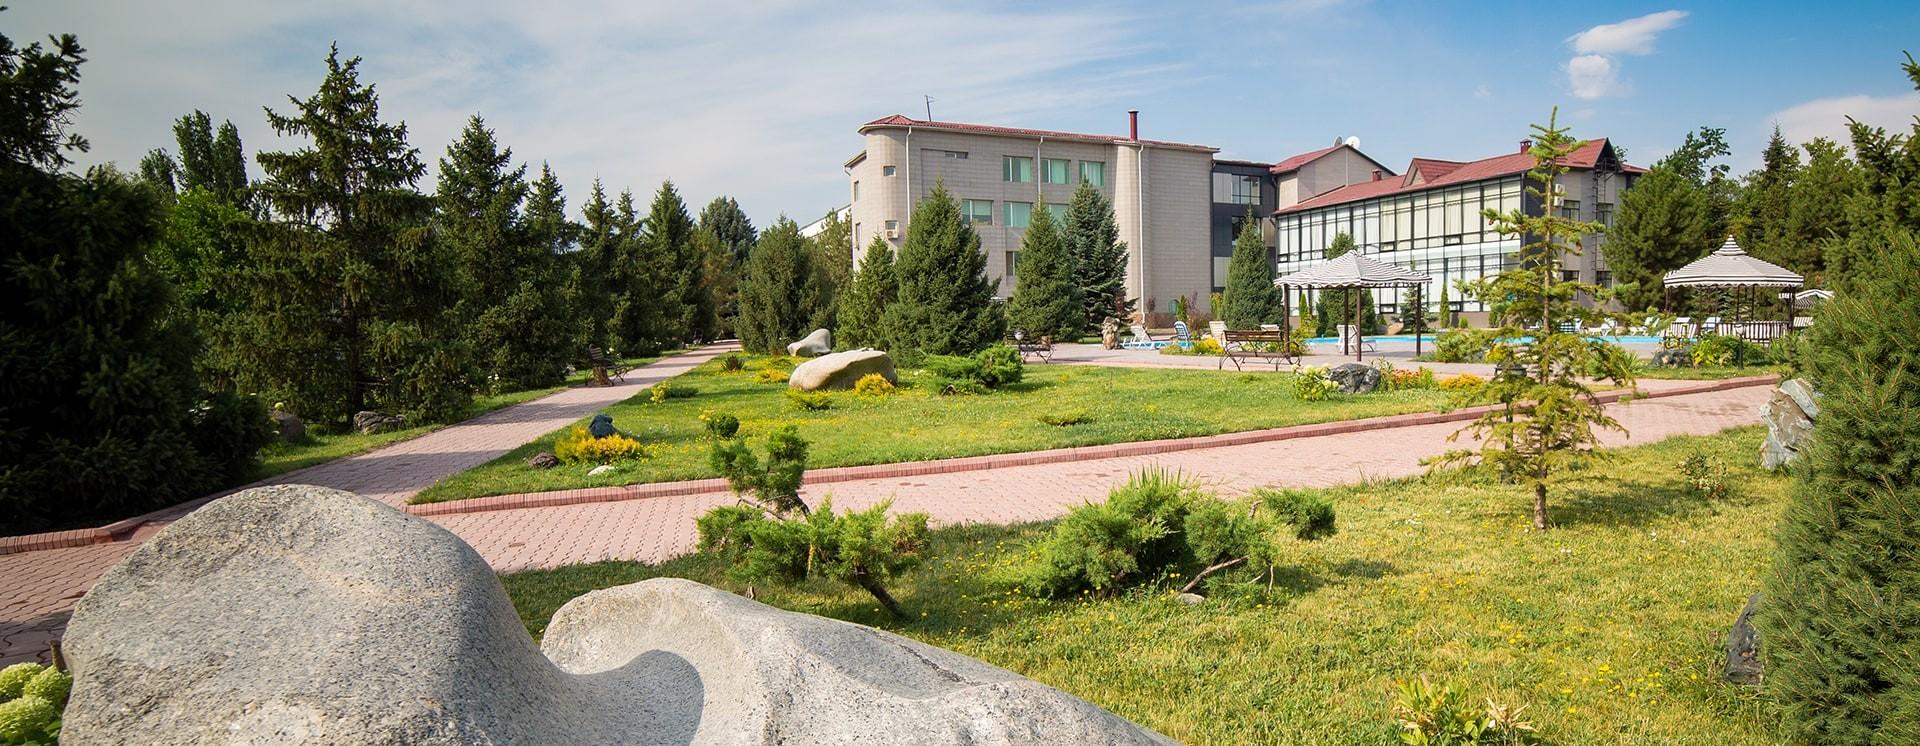 Рекреационная зона клиники Назаралиева